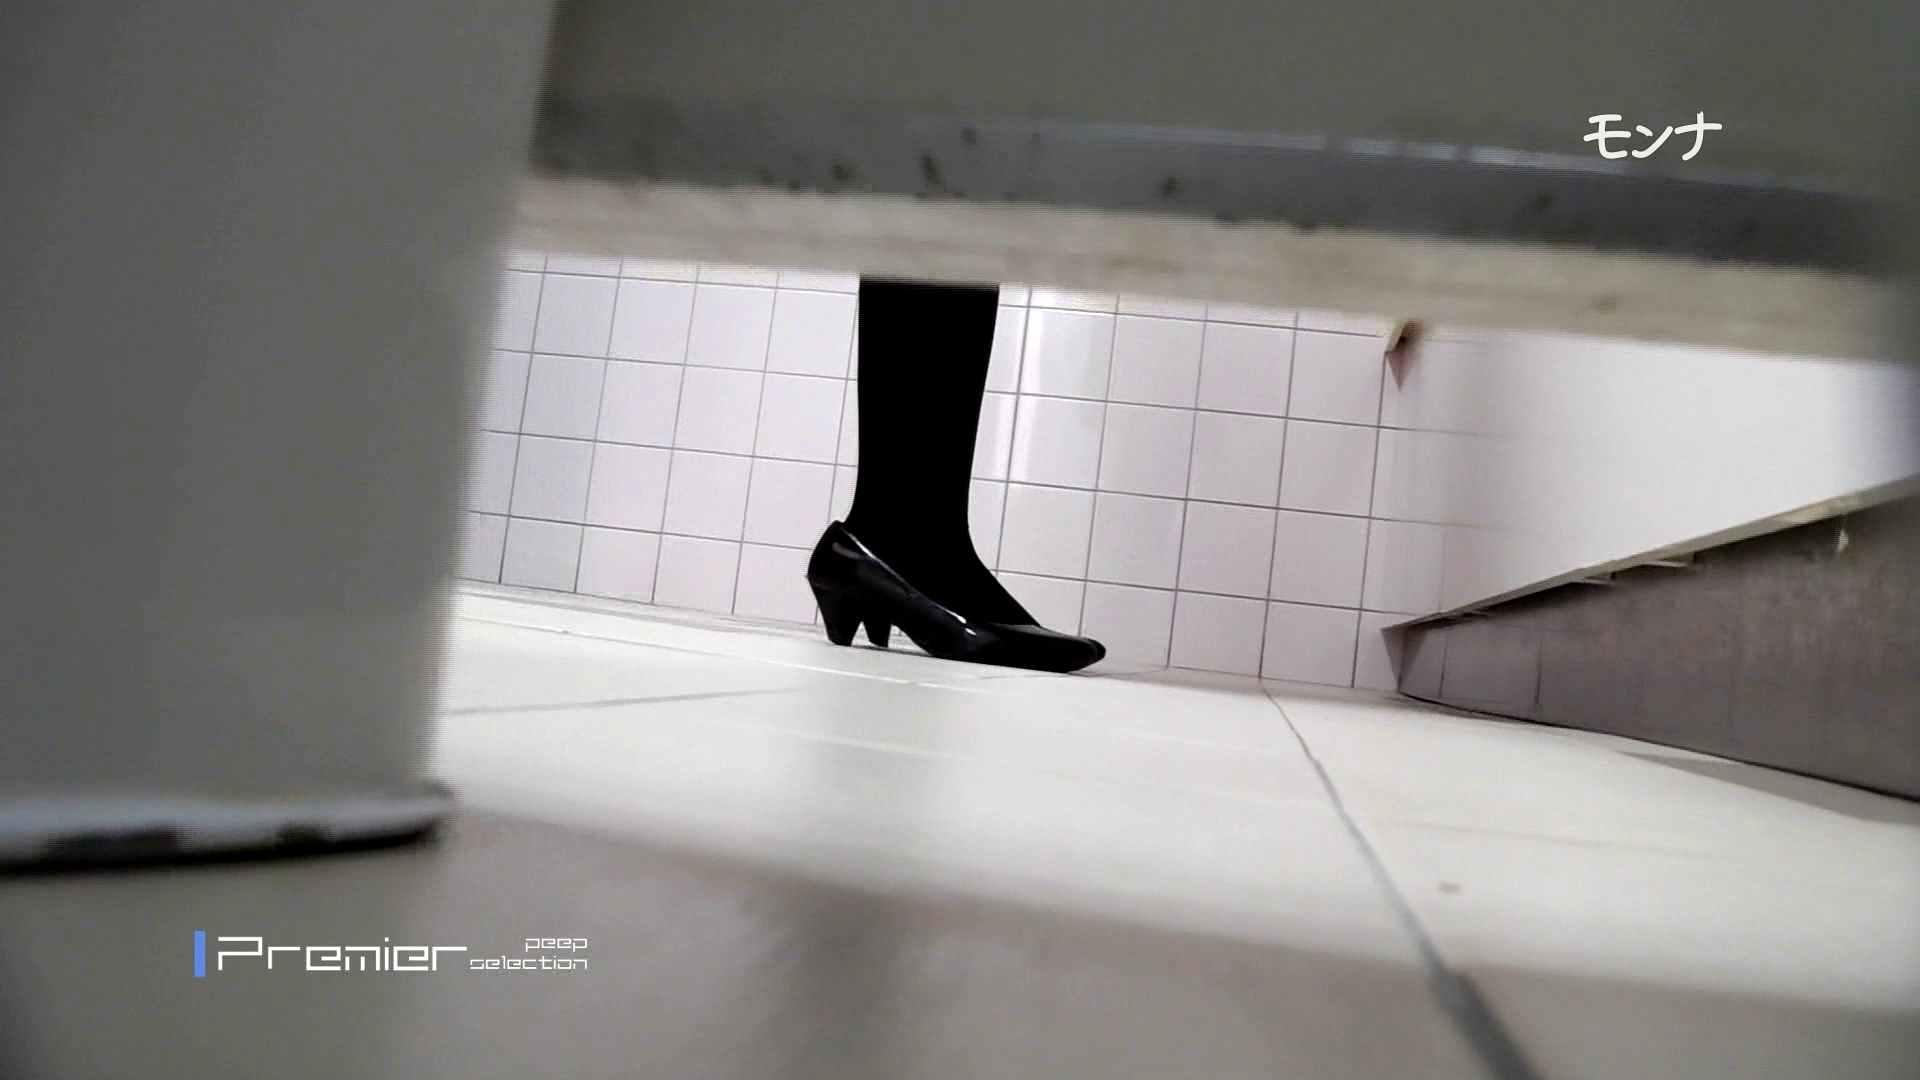 新学期!!下半身中心に攻めてます美小女可愛い女の悪戯盗撮トイレ 悪戯 | トイレ中  33連発 10